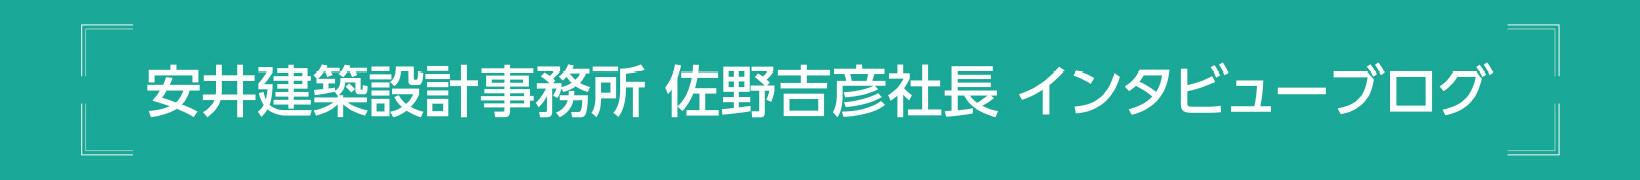 安井建築設計事務所 佐野吉彦社長 インタビューブログ